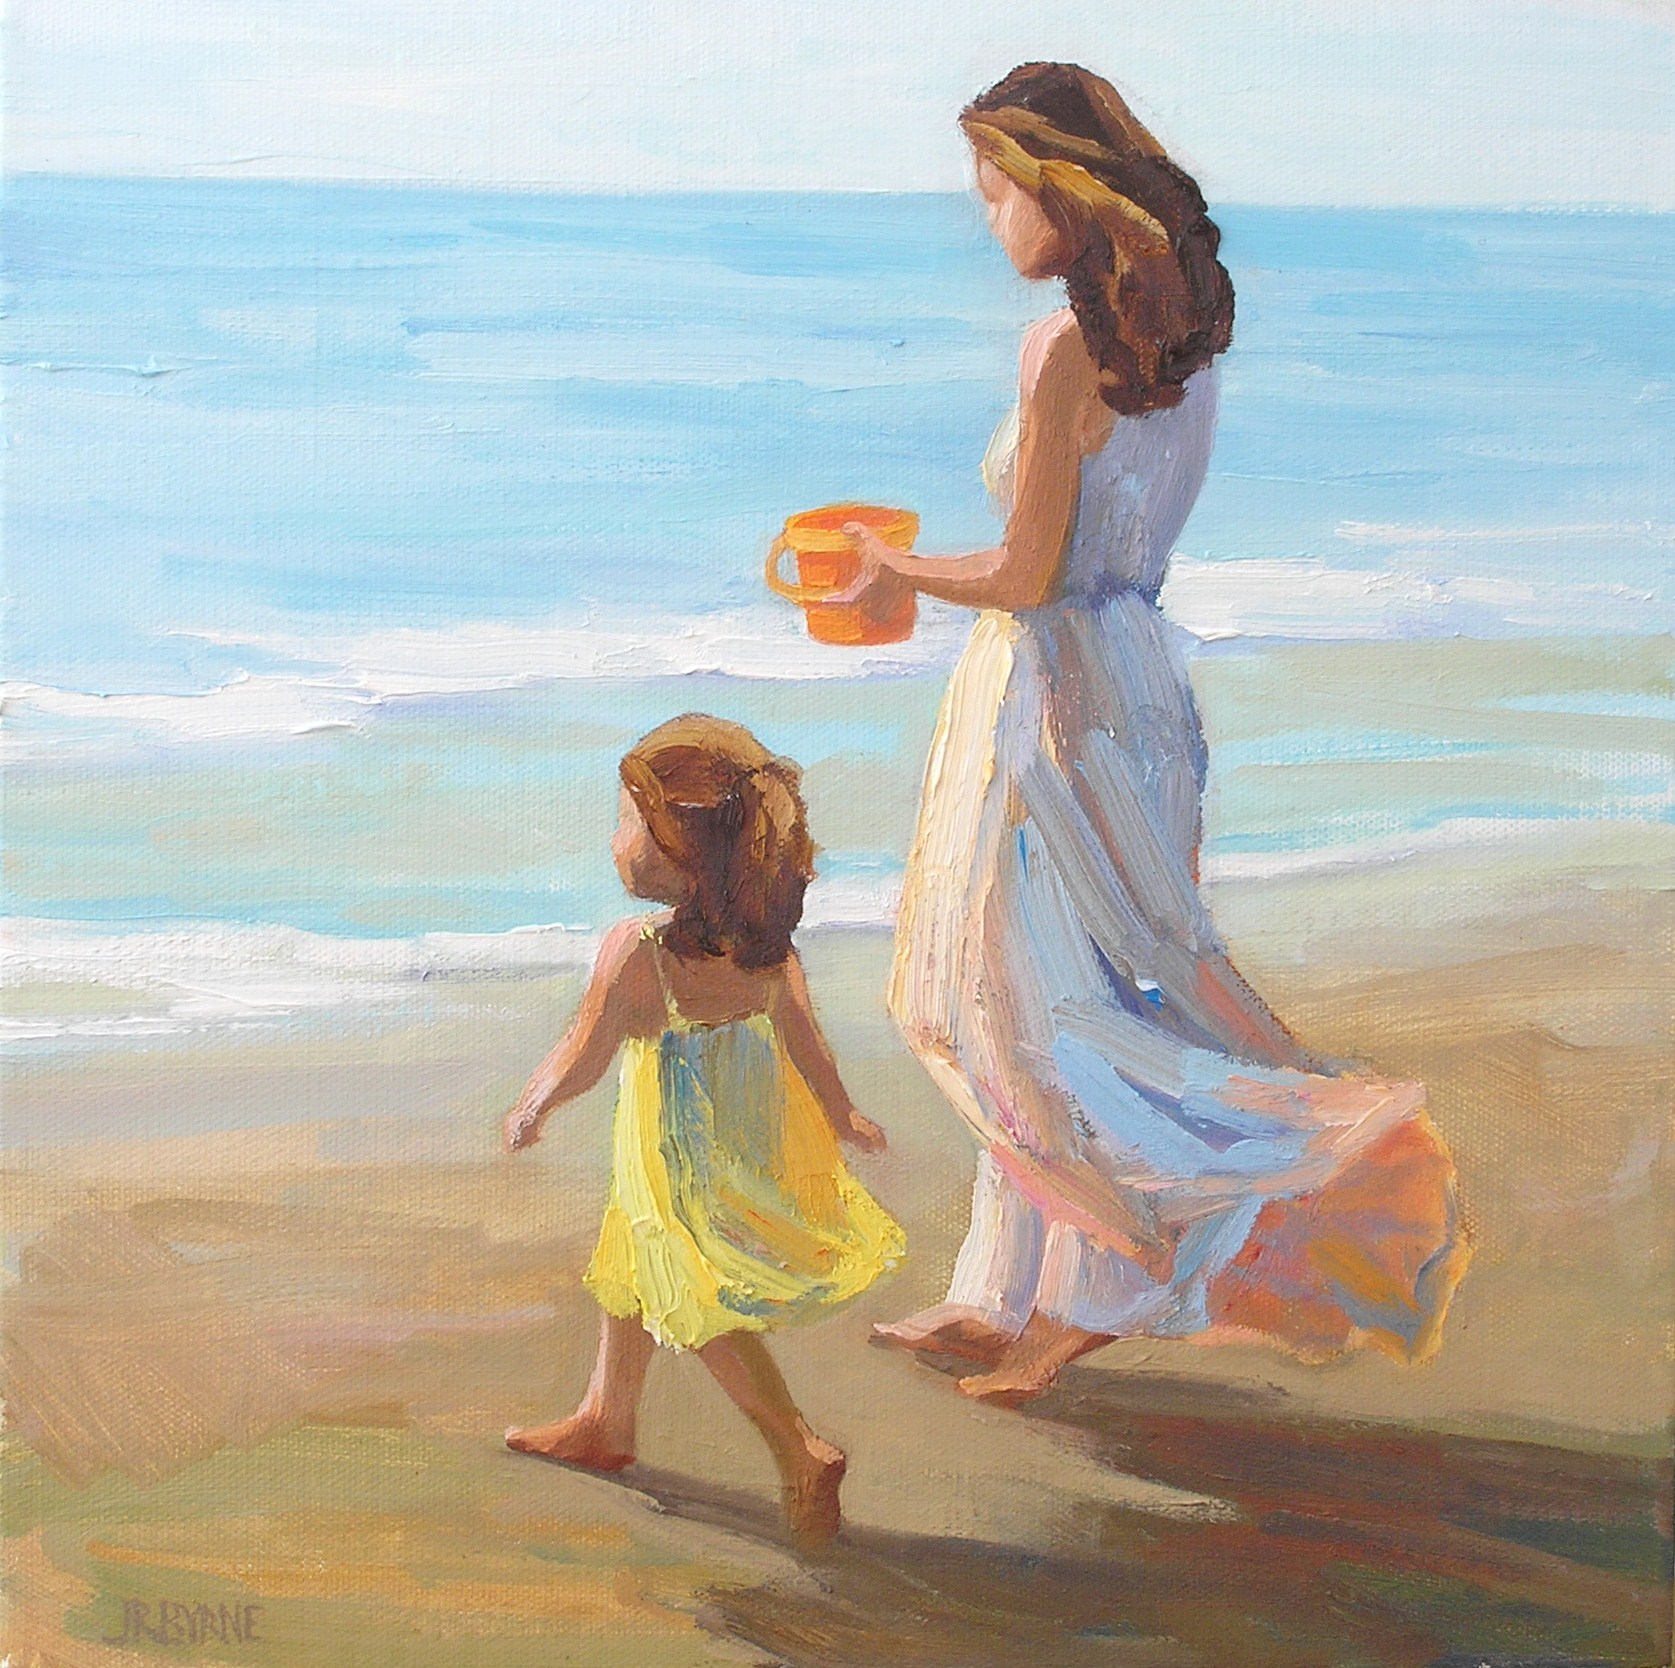 Byrne_Like Mother Like Daughter.JPG